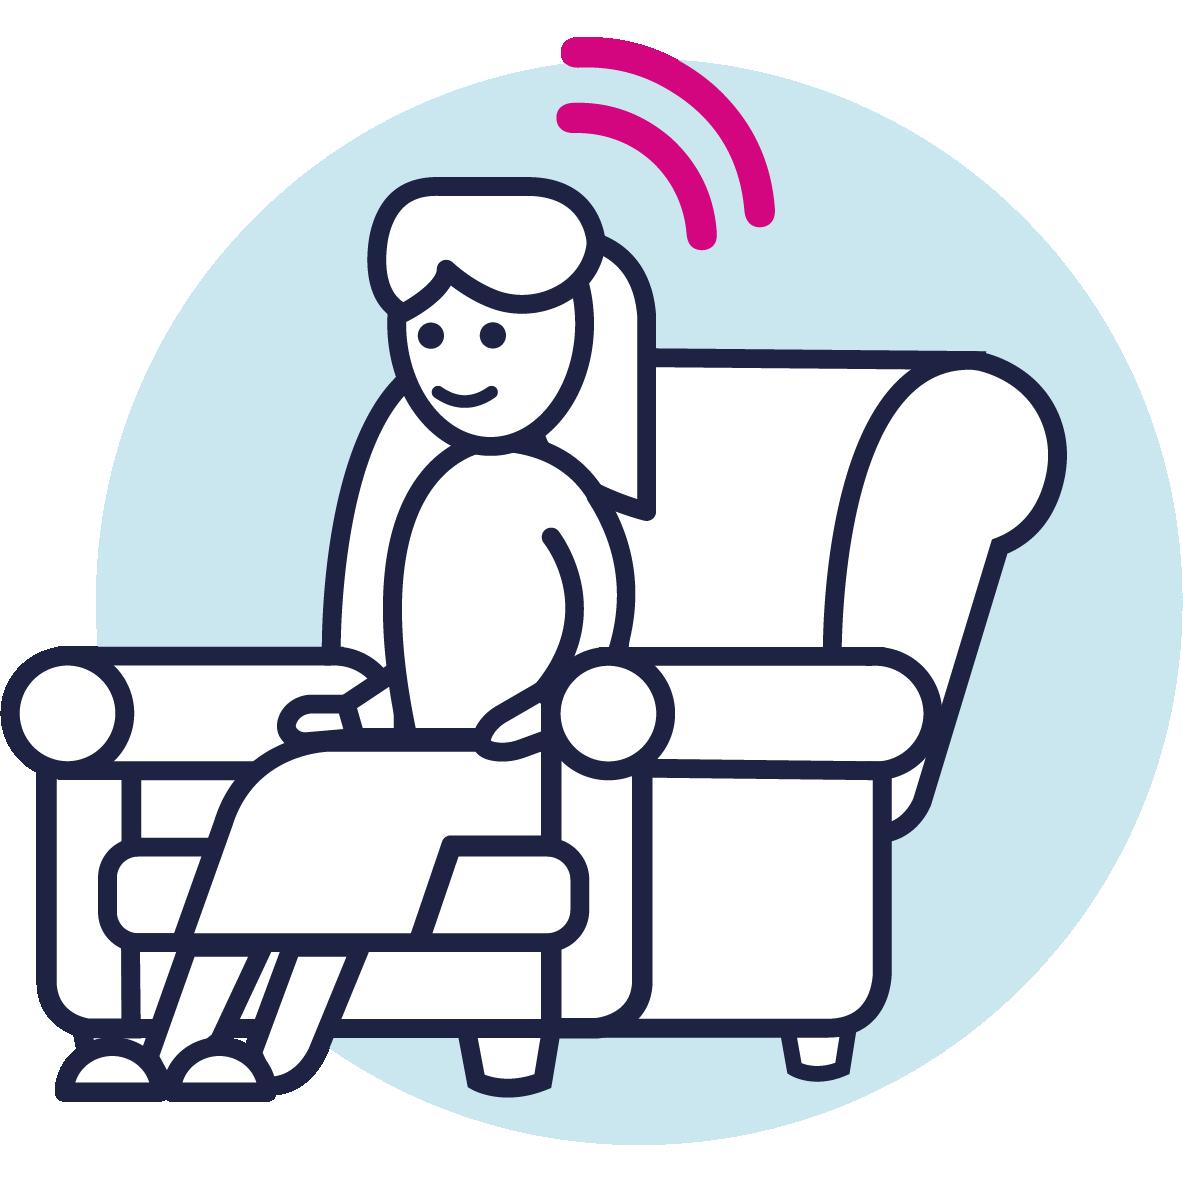 Convenient hearing check icon